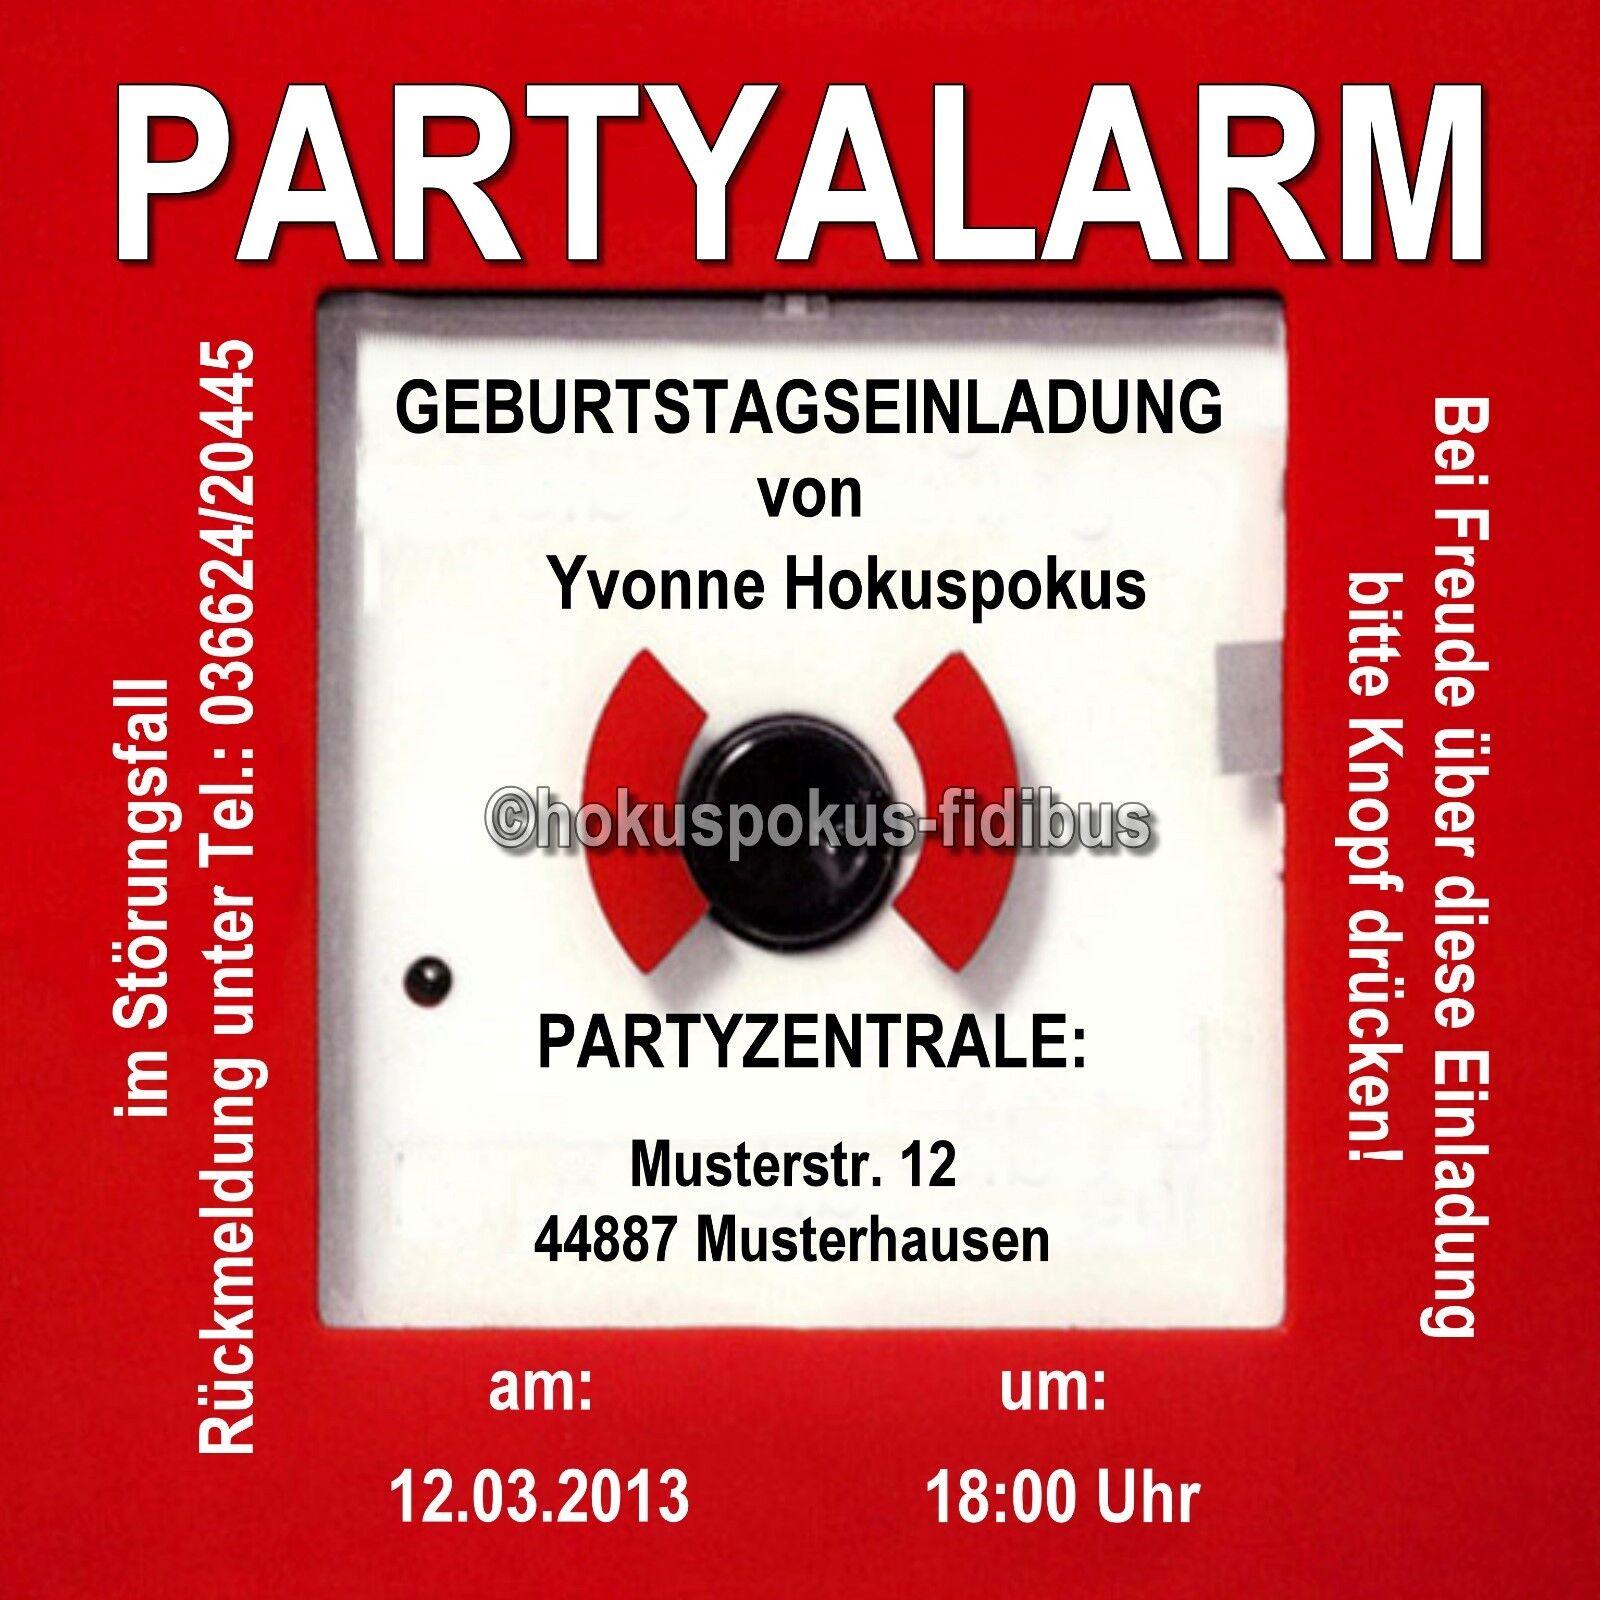 50 Cartes Invitation Anniversaire Invitations Pompiers Fête Party alarme